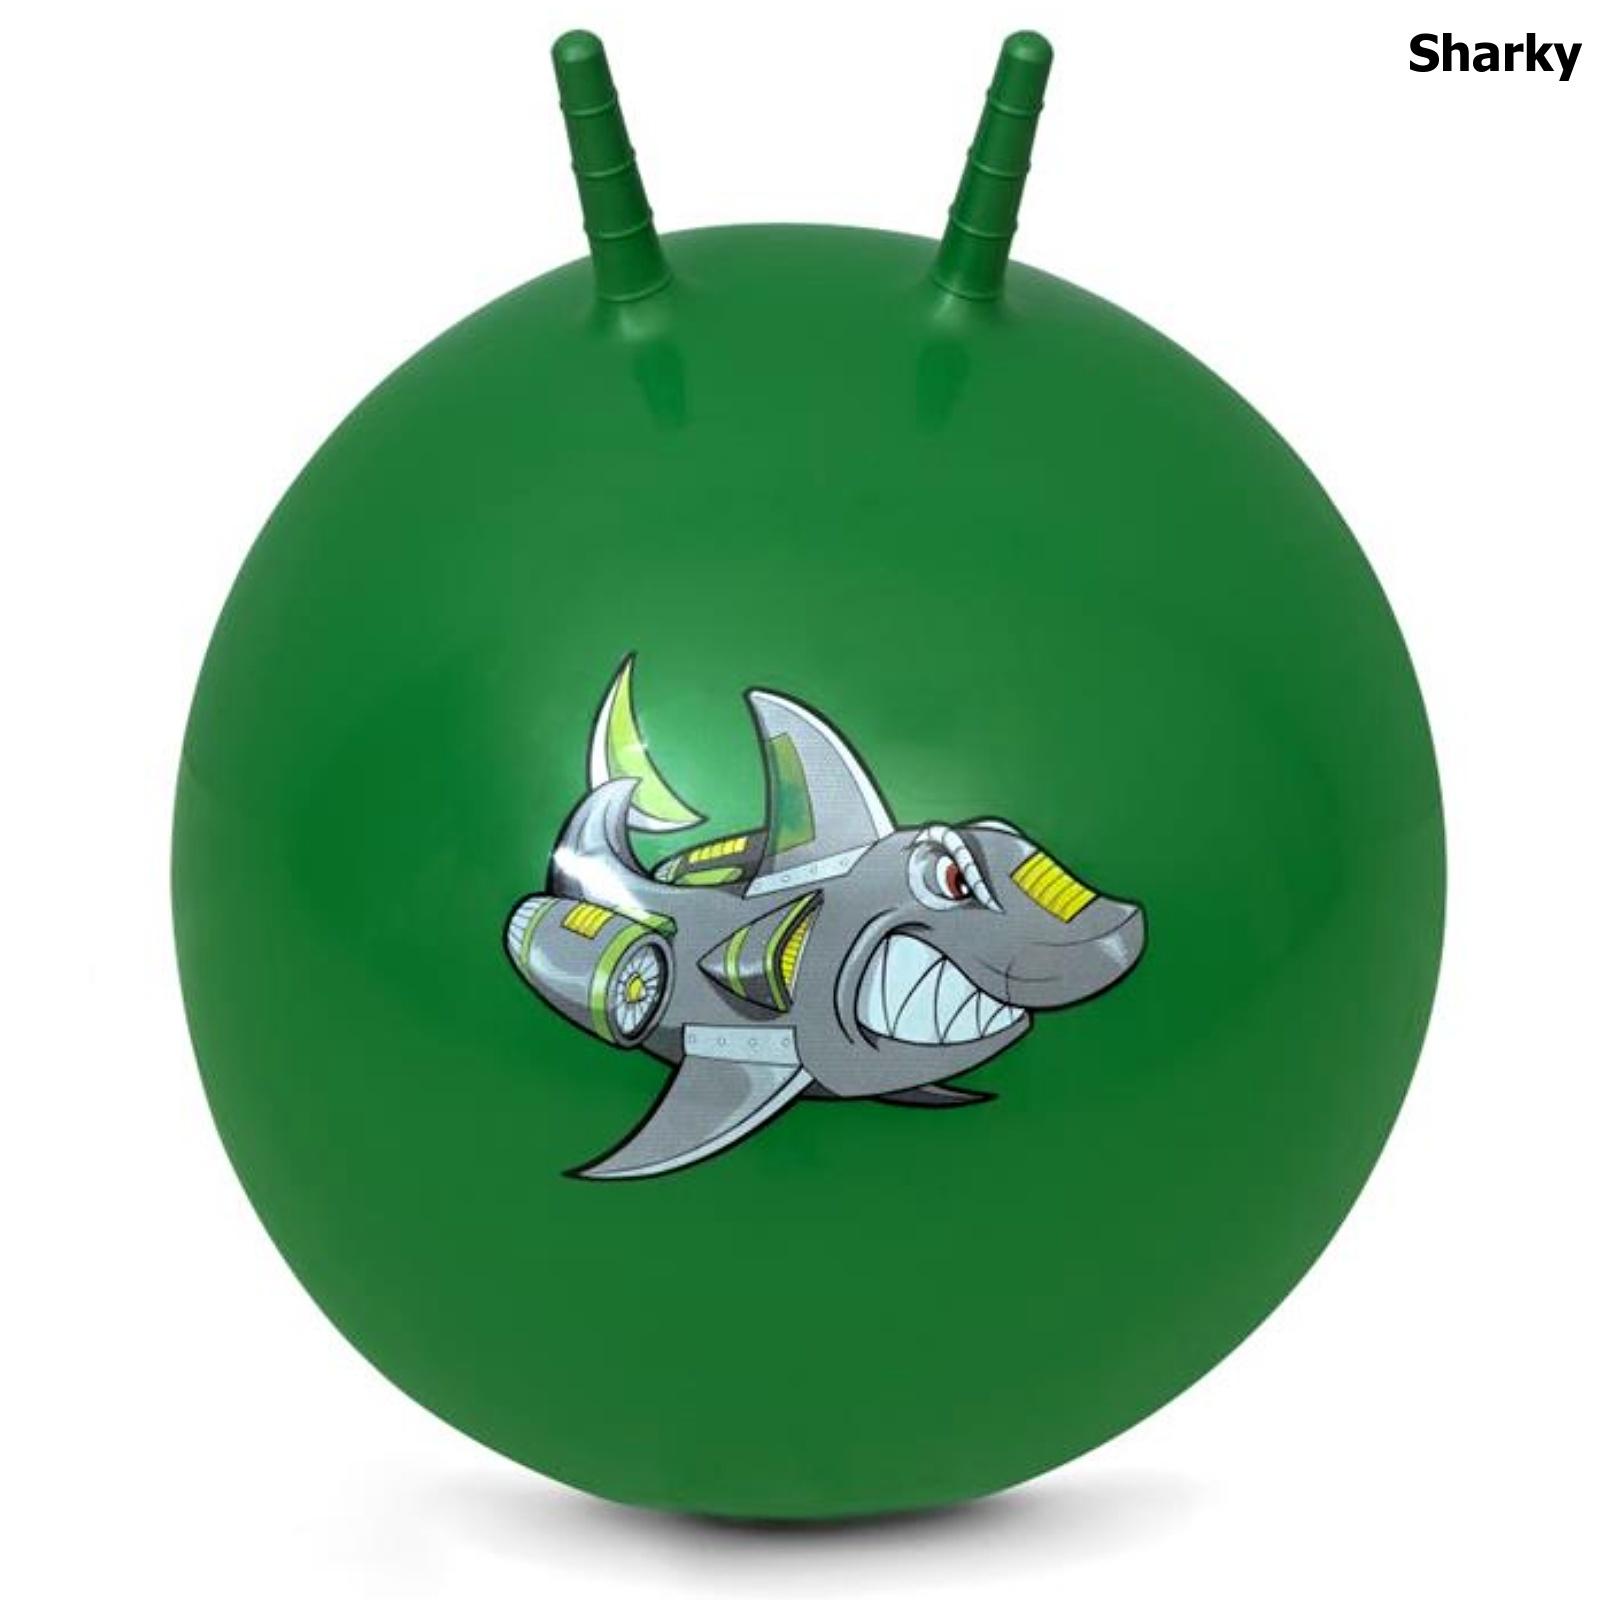 Skákací míč SPOKEY 60 cm Sharky